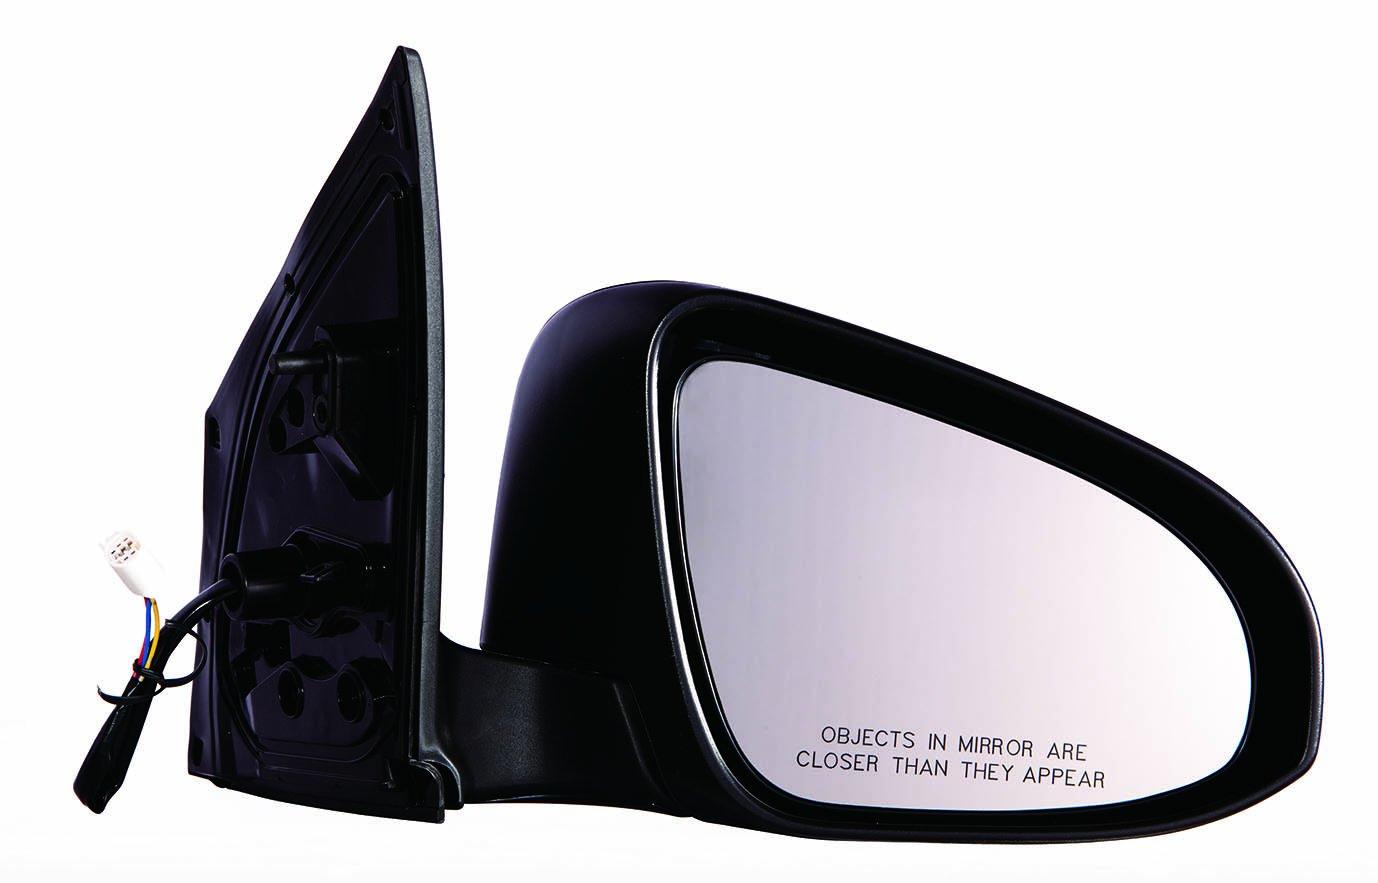 DEPO 312-5440L3EB Toyota Corolla Driver Side Non-Heated Power Mirror